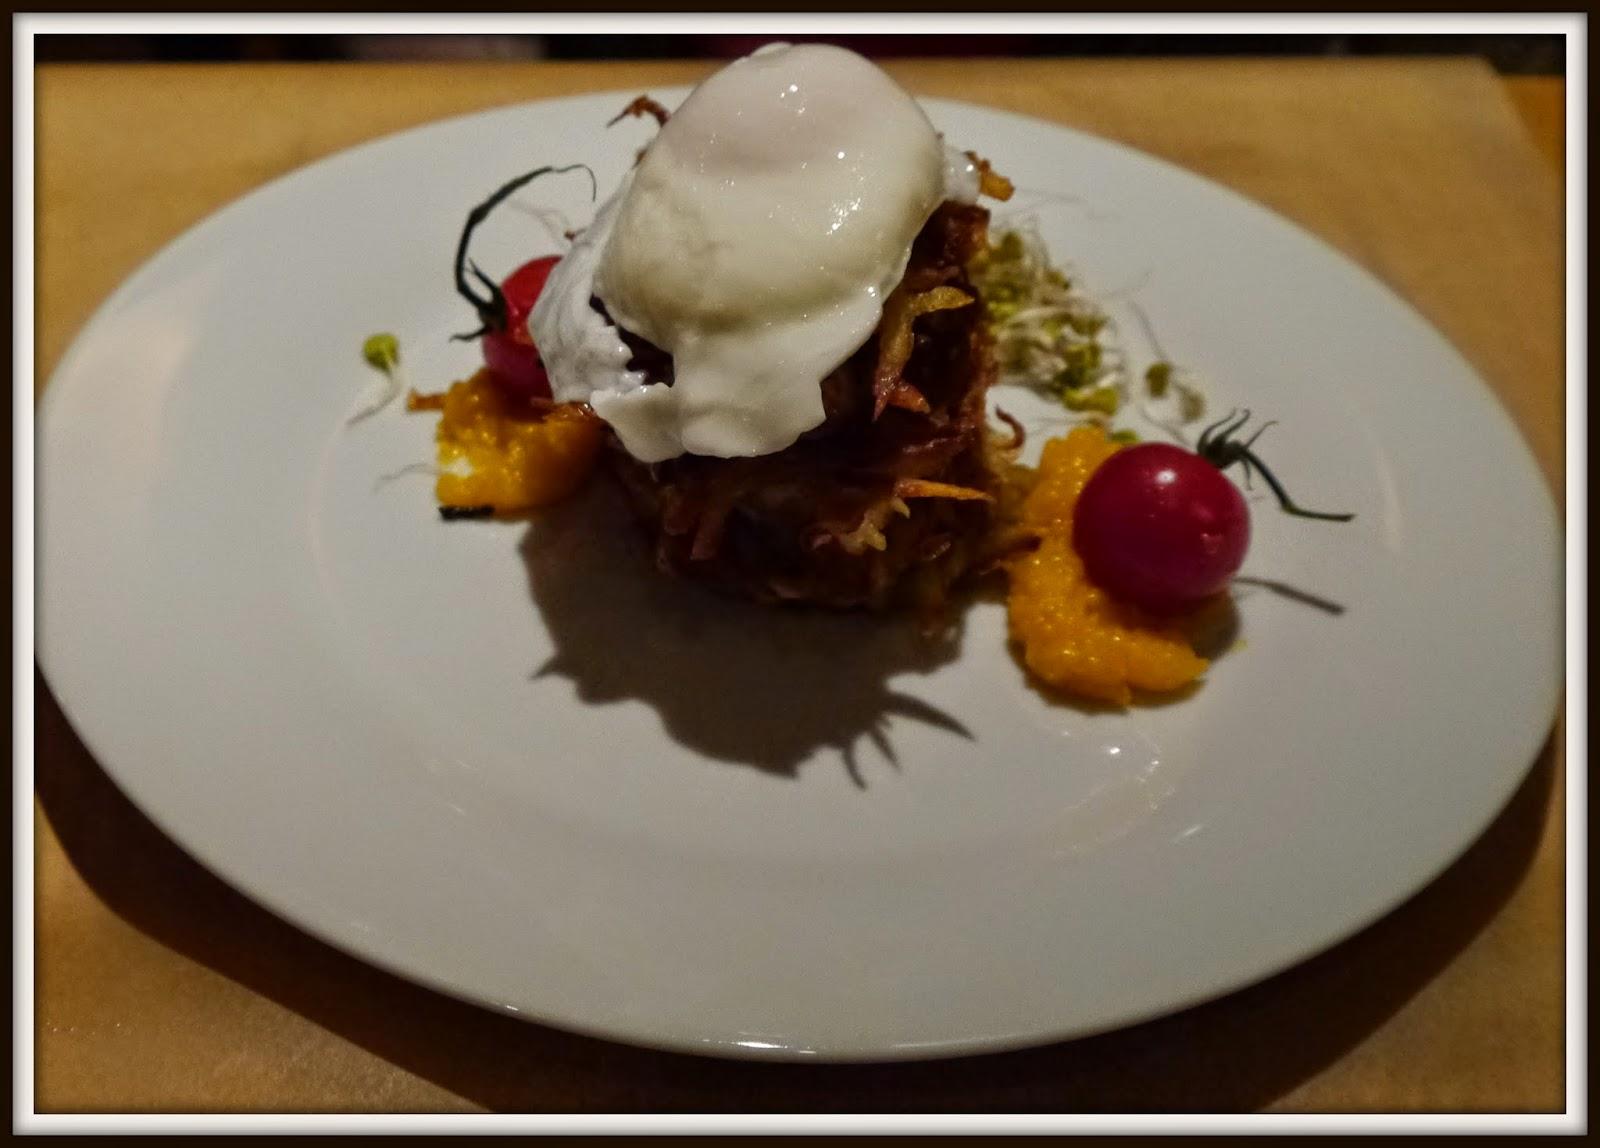 Restauracja wegetariańska, wegańska, bezglutenowa, Wielopole 3, młody jęczmień drink